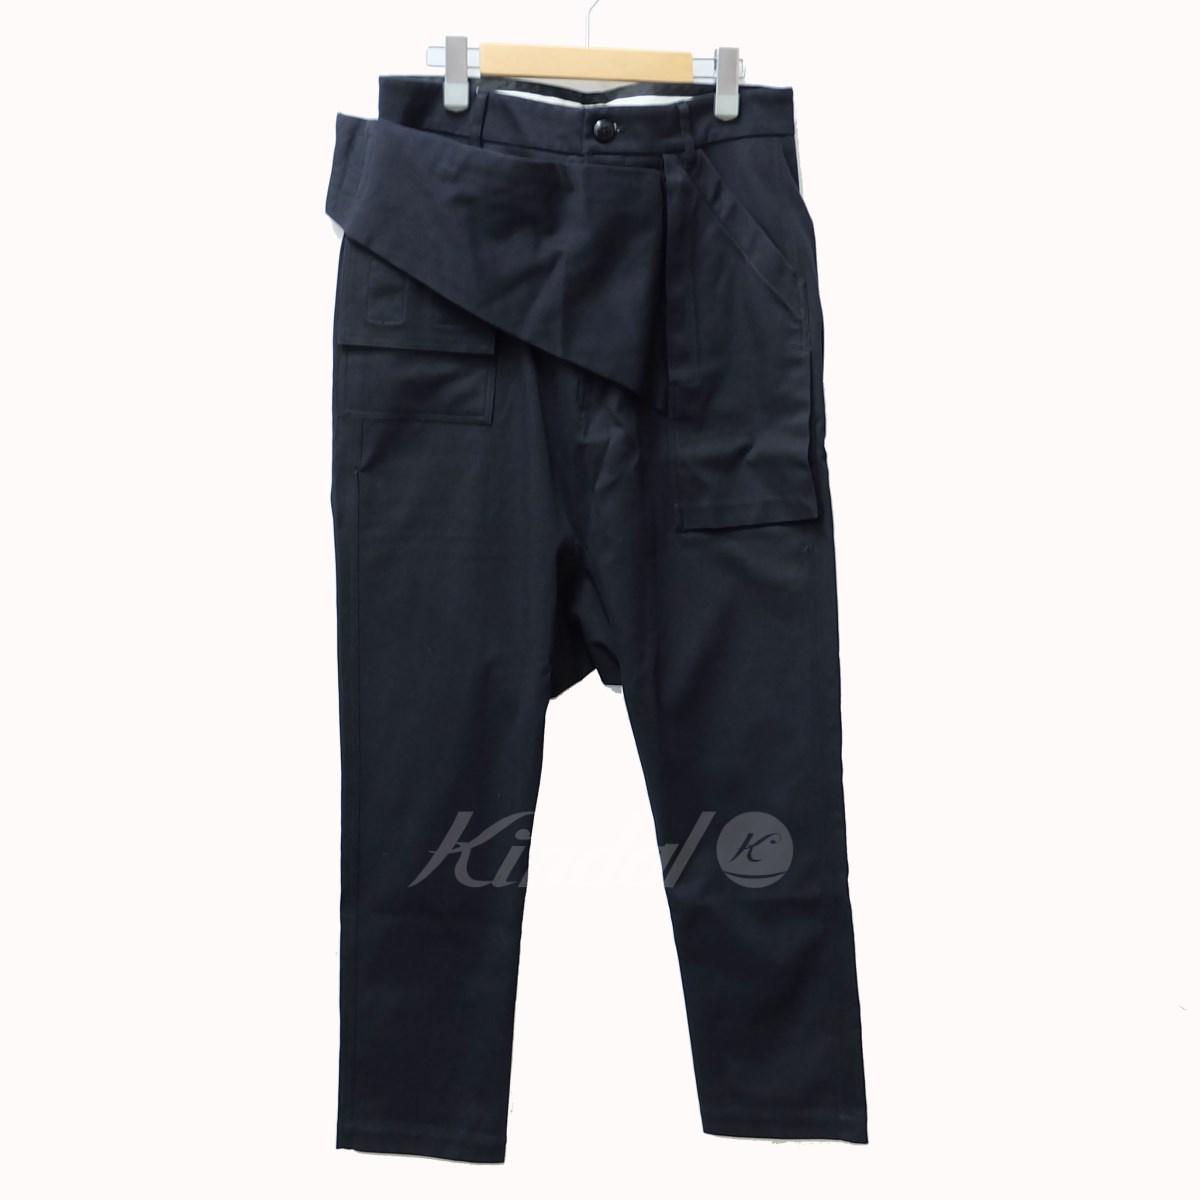 【中古】Rick Owens Belted Pants サルエルパンツ ブラック サイズ:48 【送料無料】 【011118】(リックオウエンス)